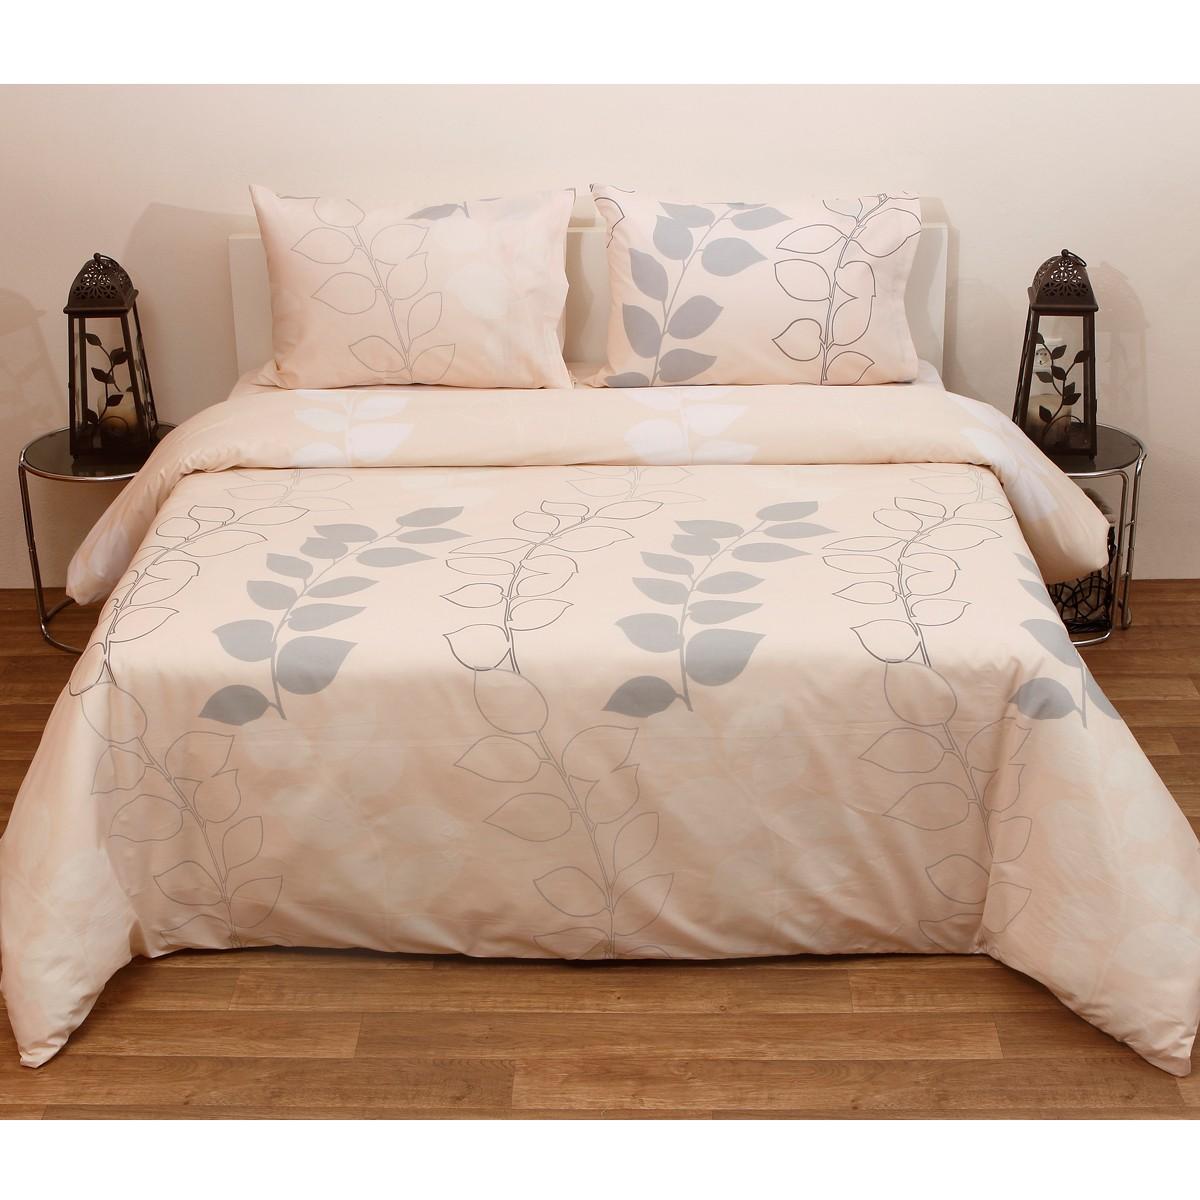 Πάπλωμα Ημίδιπλο (Σετ) Viopros Fresh Αννίτα home   κρεβατοκάμαρα   παπλώματα   παπλώματα ημίδιπλα   διπλά